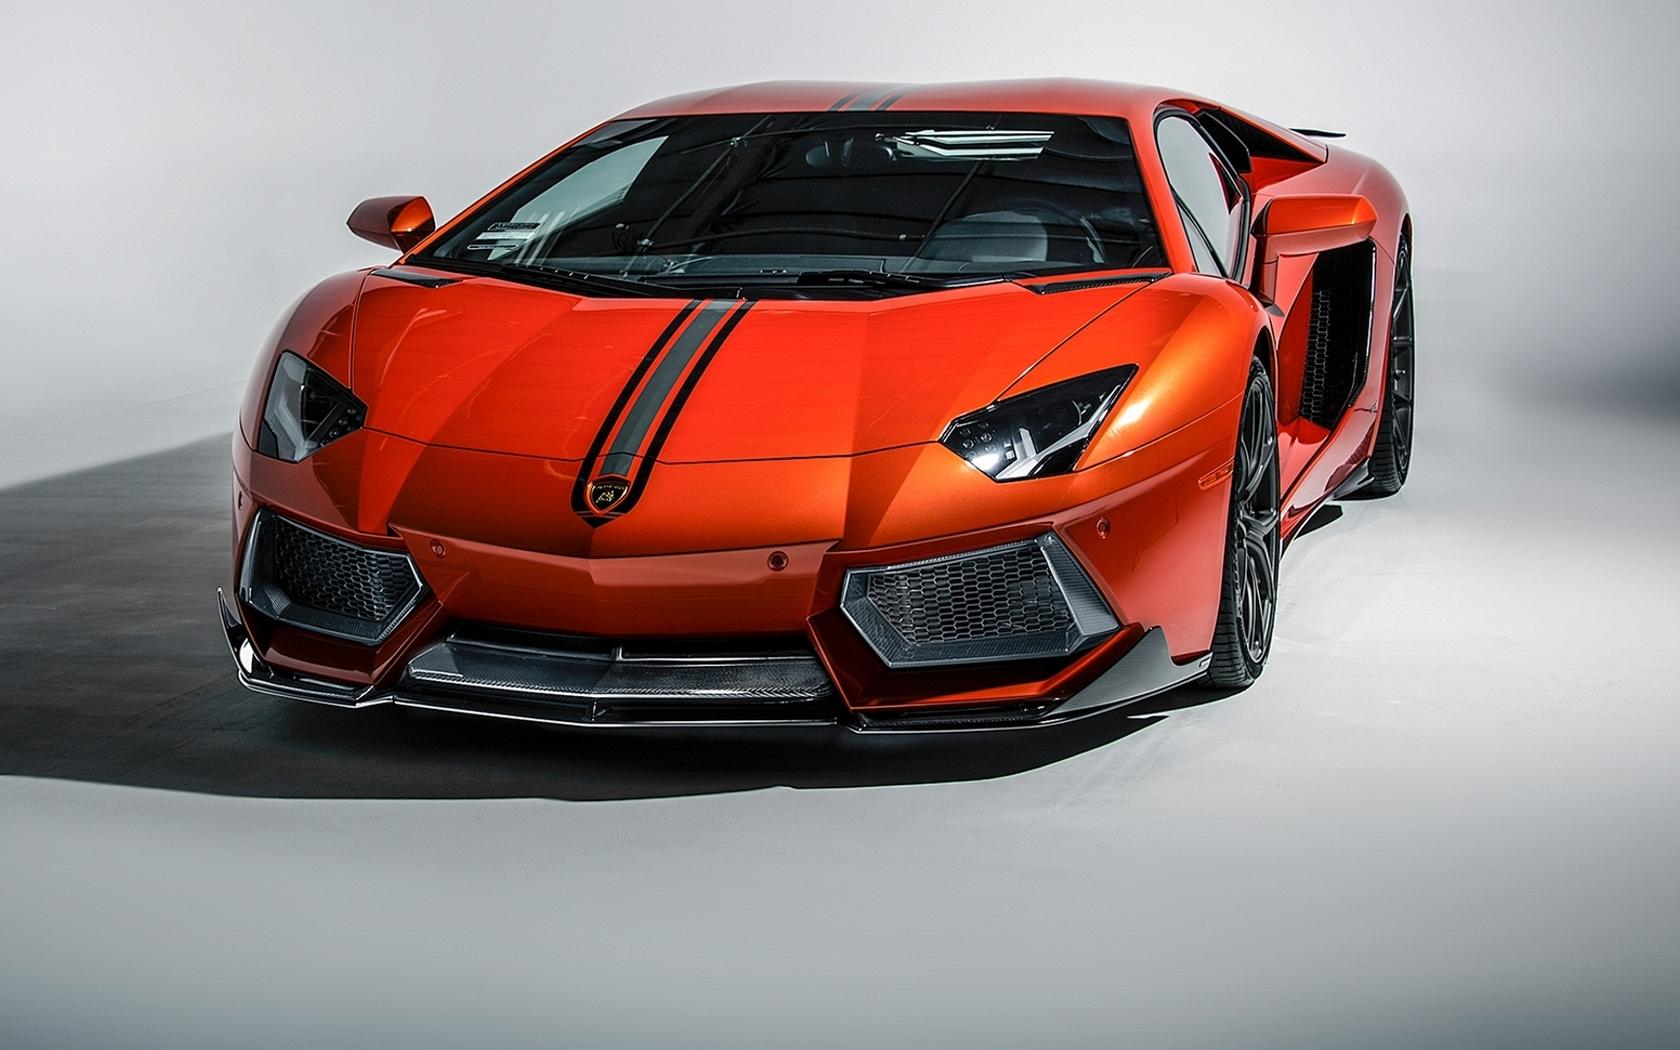 Обои Lamborghini Aventador LP 700-4 Vorsteiner Tuning Car, оранжевый, hd. Автомобили foto 13